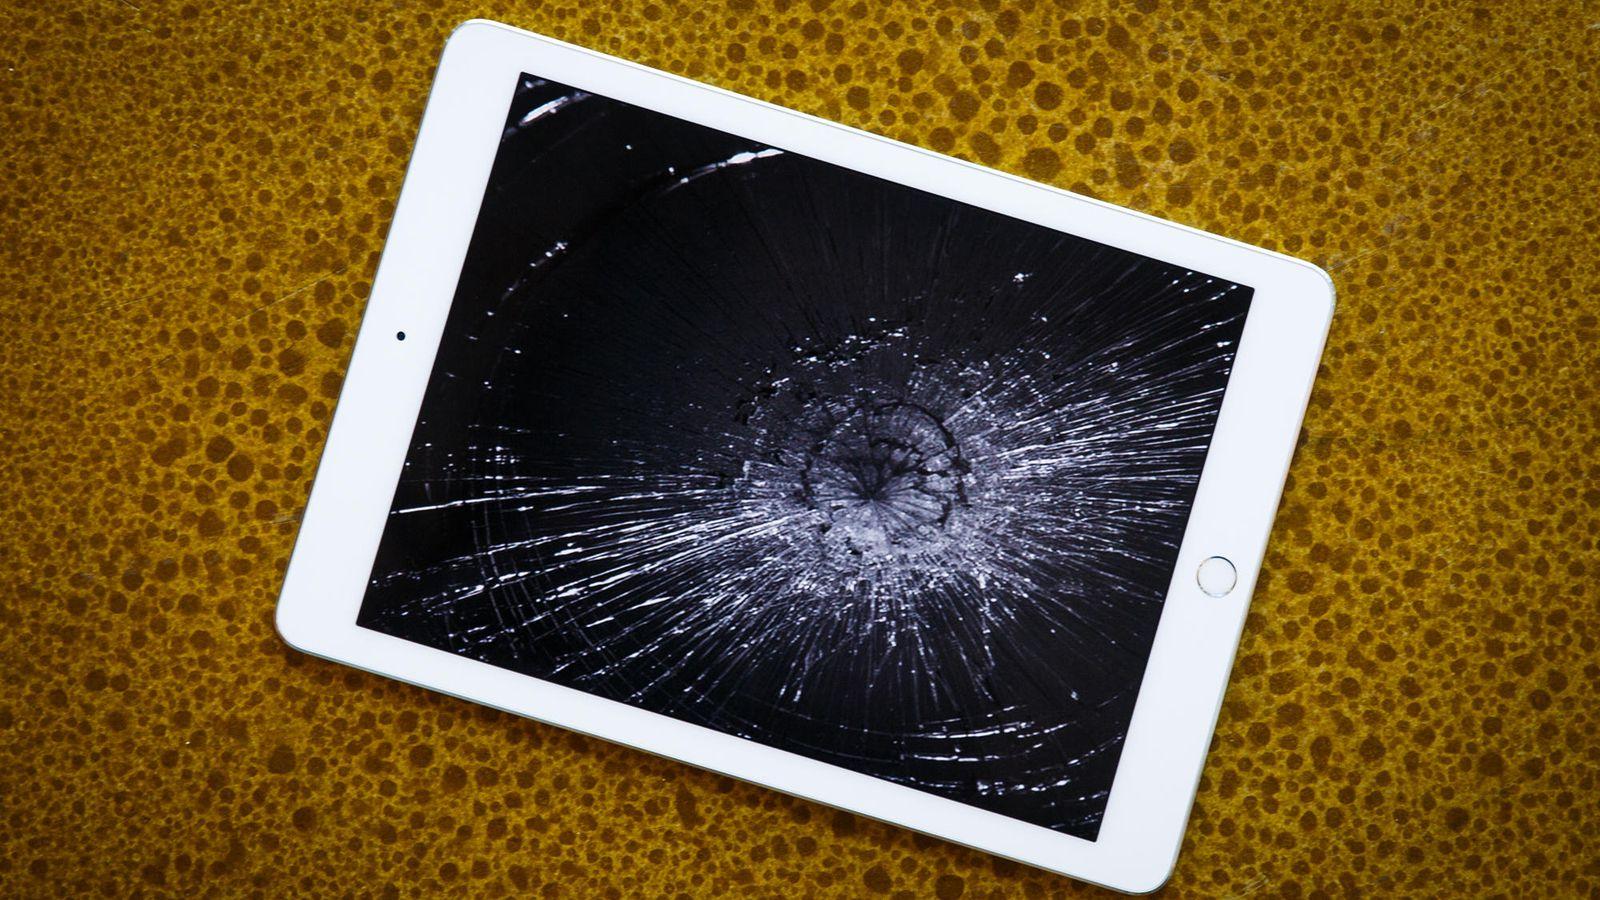 apple-ipad-mini-dokunmatik-touch-siyah-beyaz-fiyatı-10ar